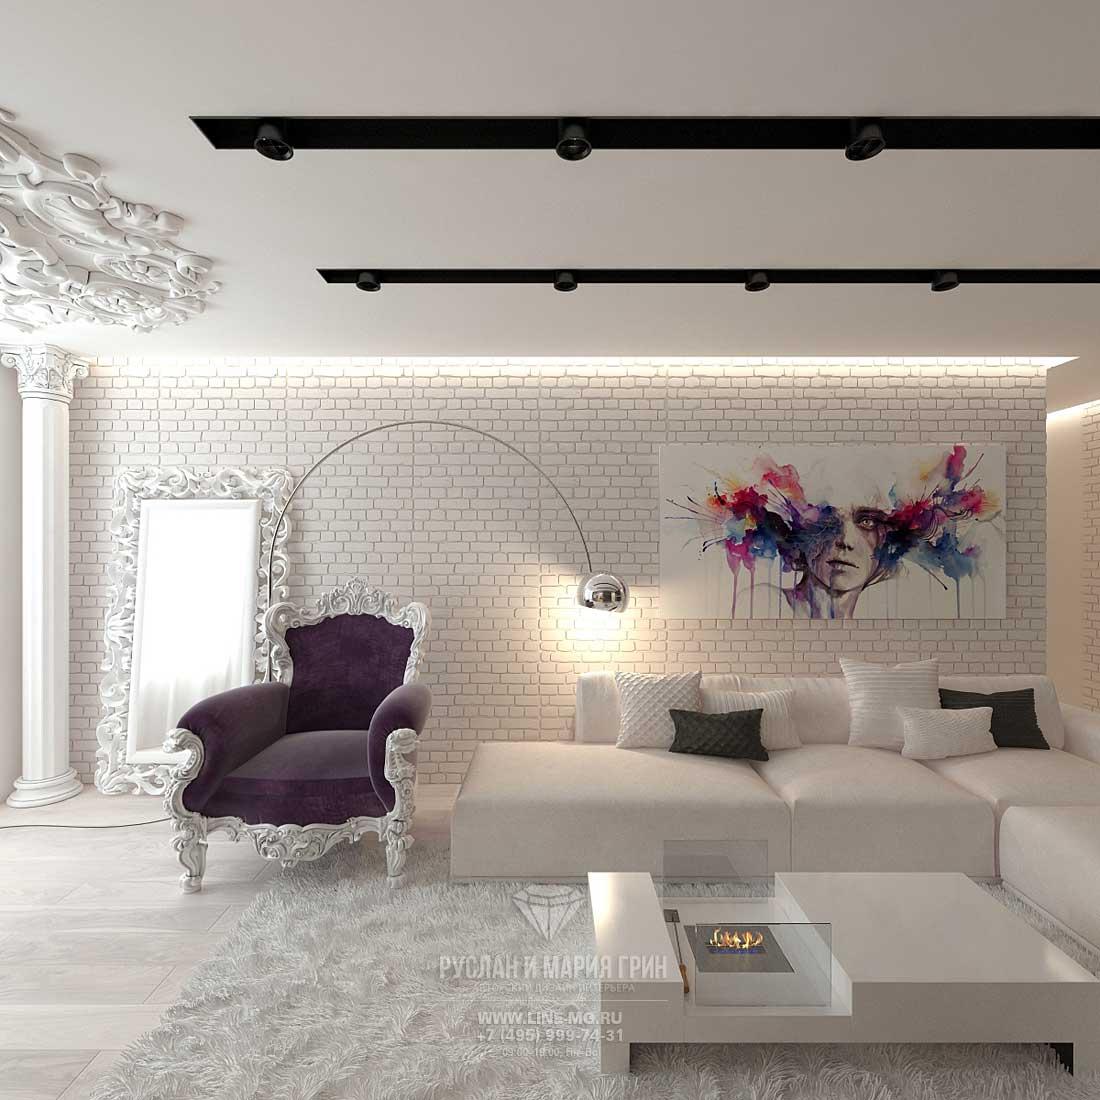 Элитный ремонт квартиры в Москве. Интерьер гостиной в современном стиле